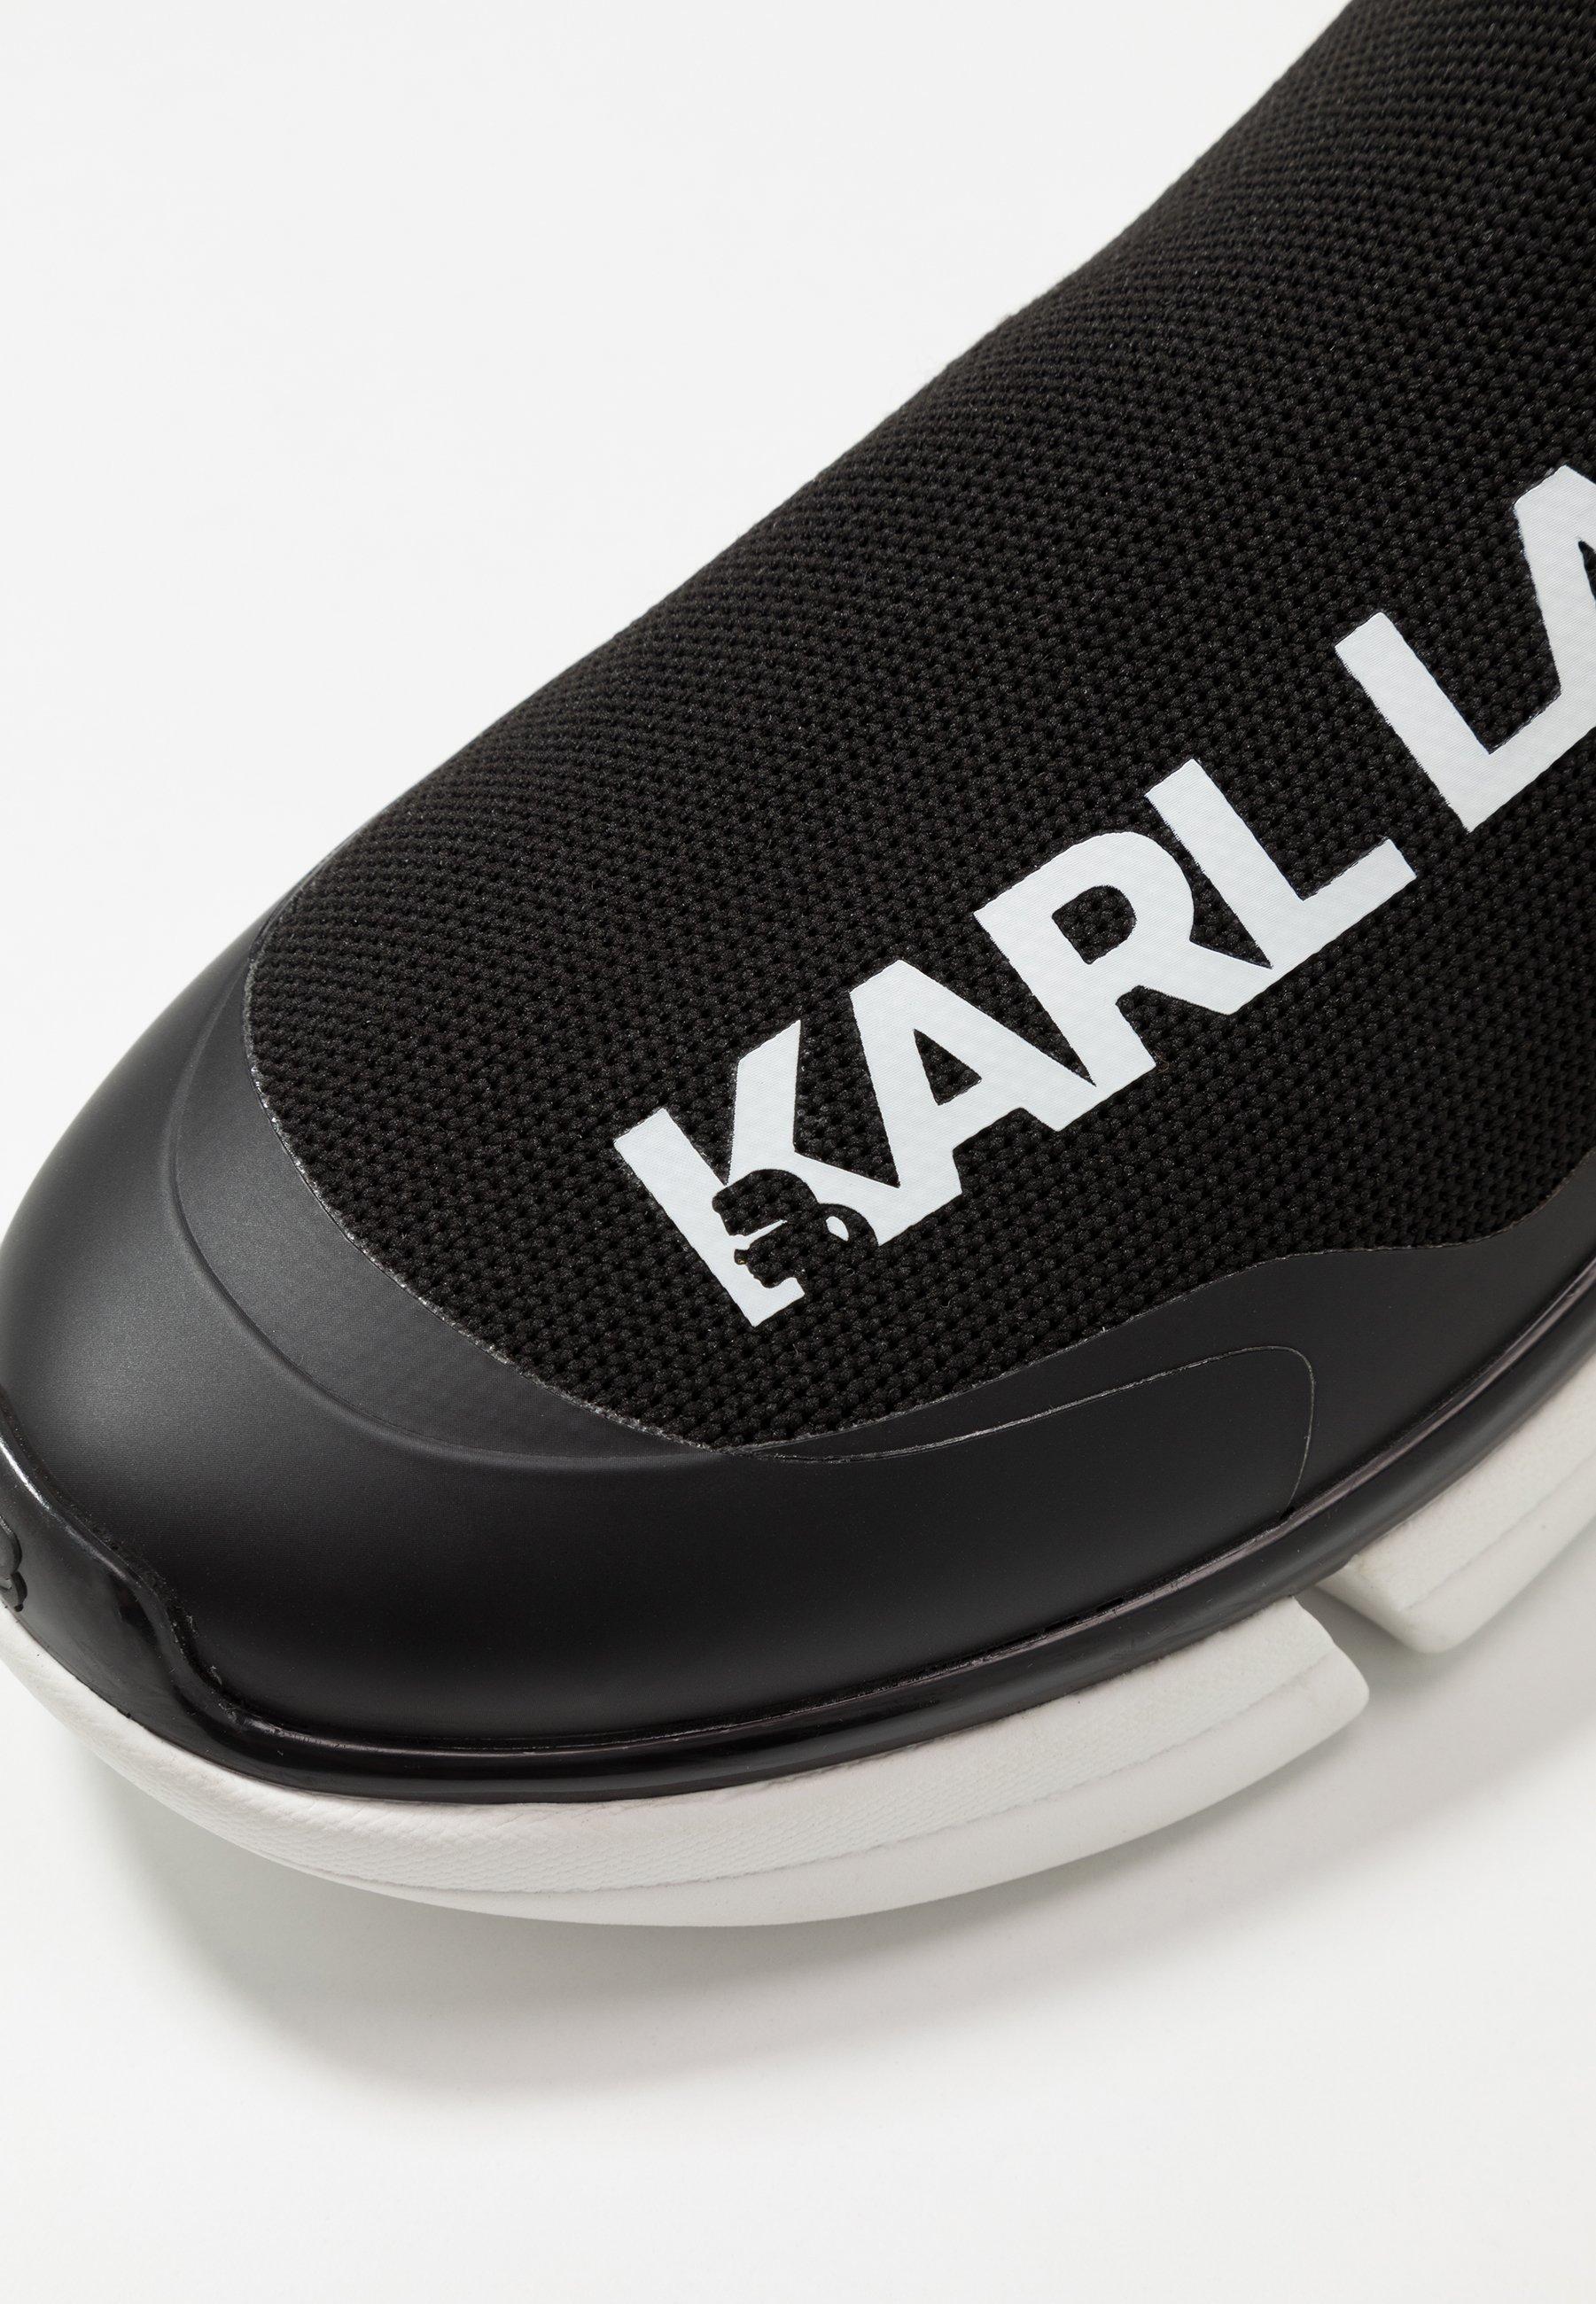 KARL LAGERFELD VENTURE Høye joggesko blackwhitesvart